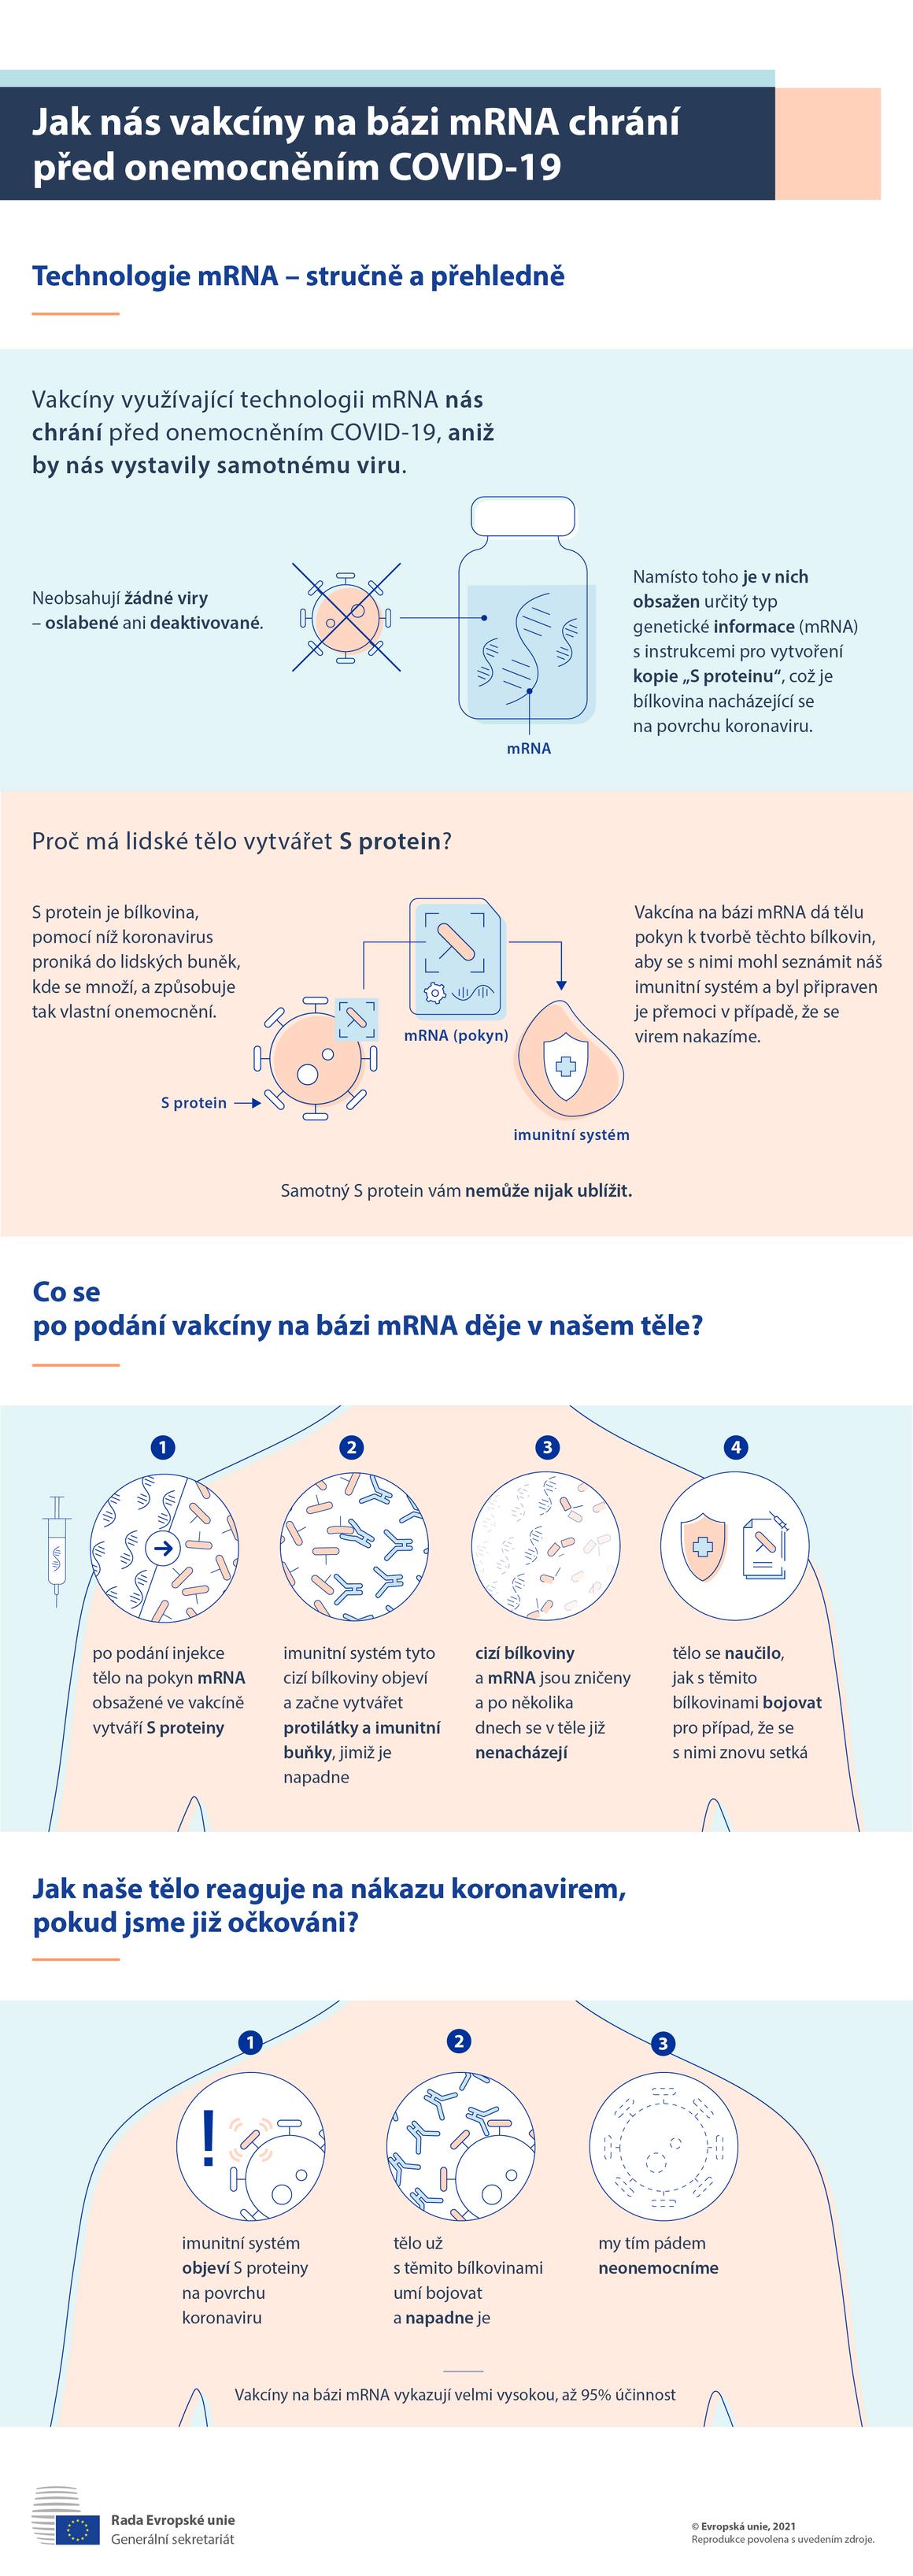 Infografika: Jak nás vakcíny na bázi mRNA chrání před onemocněním COVID-19